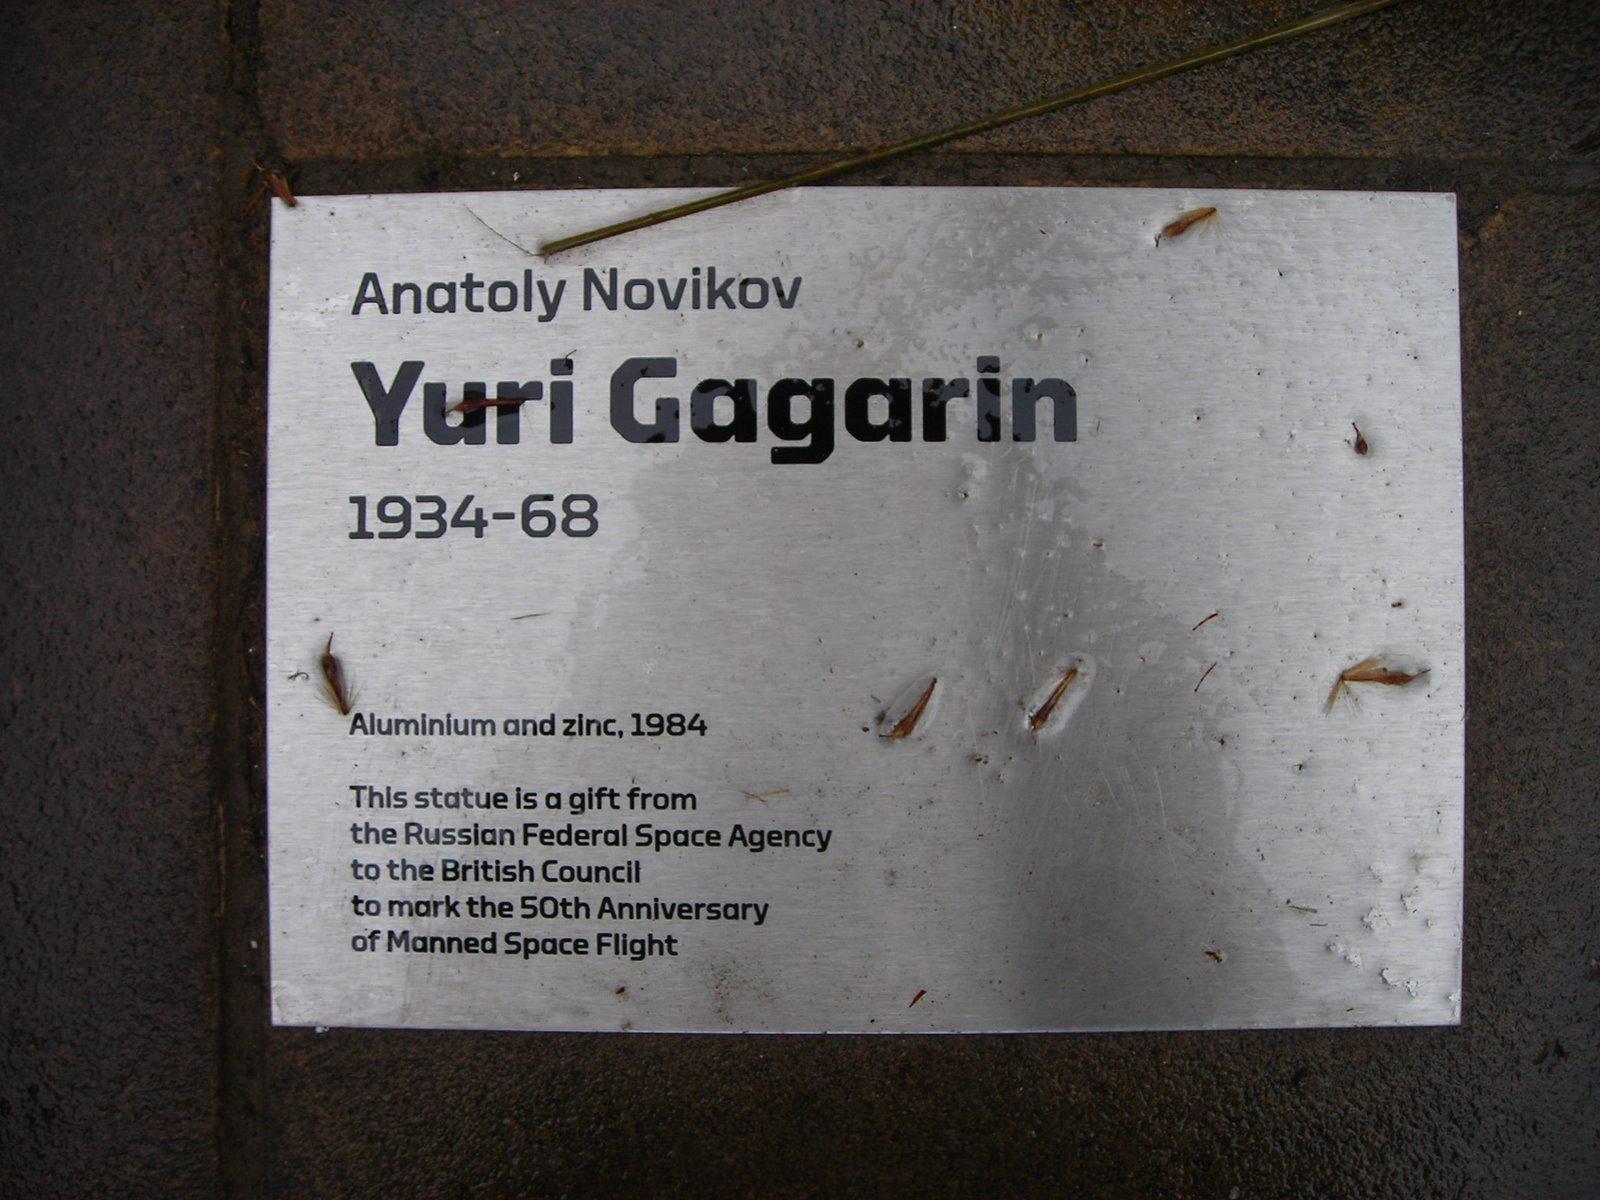 yuri gagarin quotes - photo #6